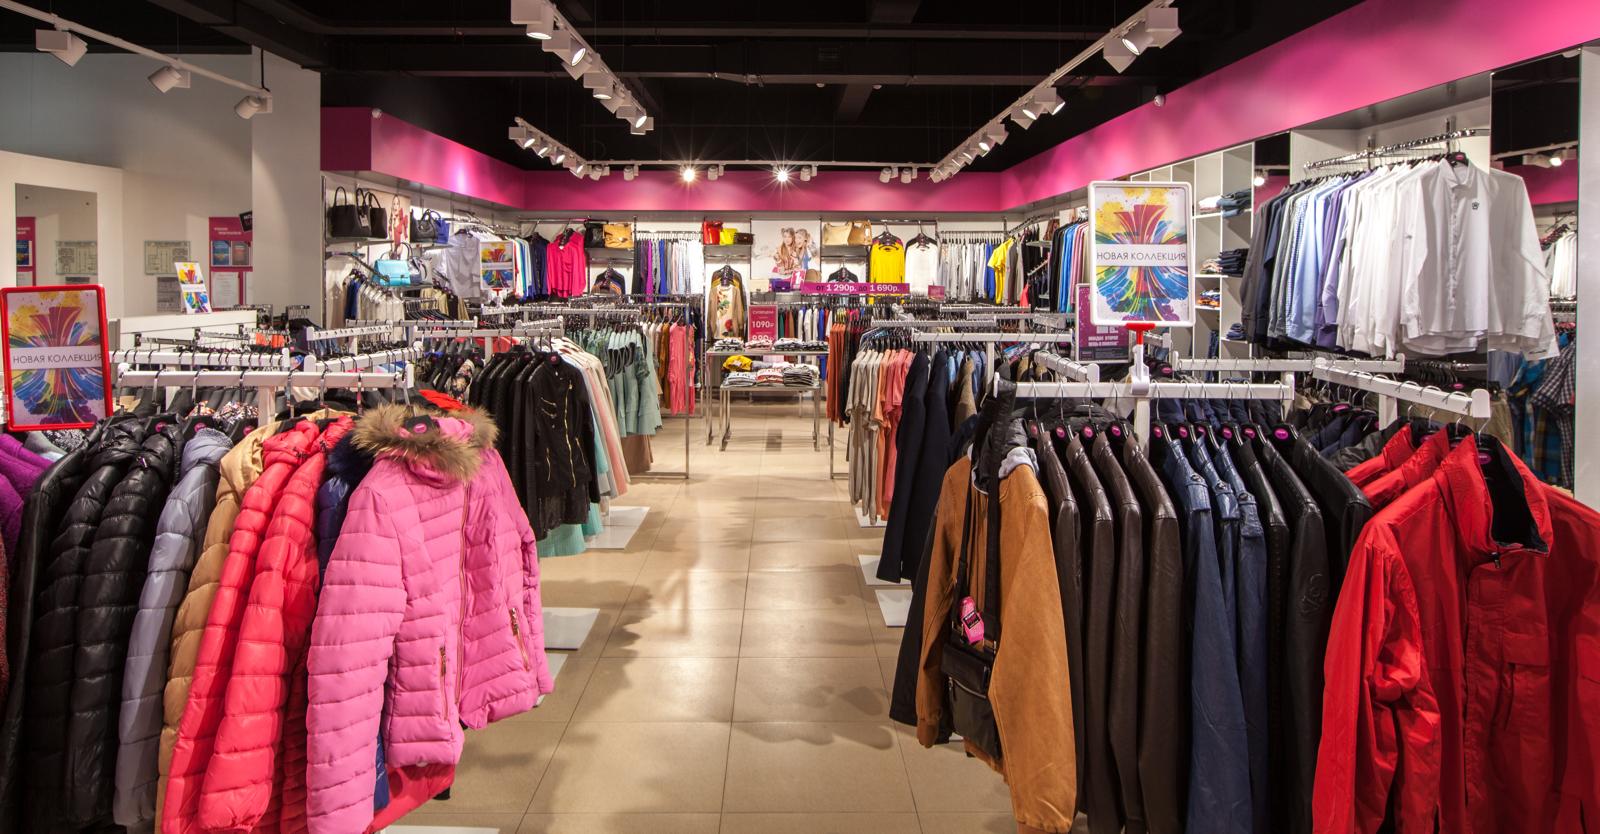 Магазины одежды в Липецке   Цены, каталоги, распродажи, адреса и ... 49a6f823270